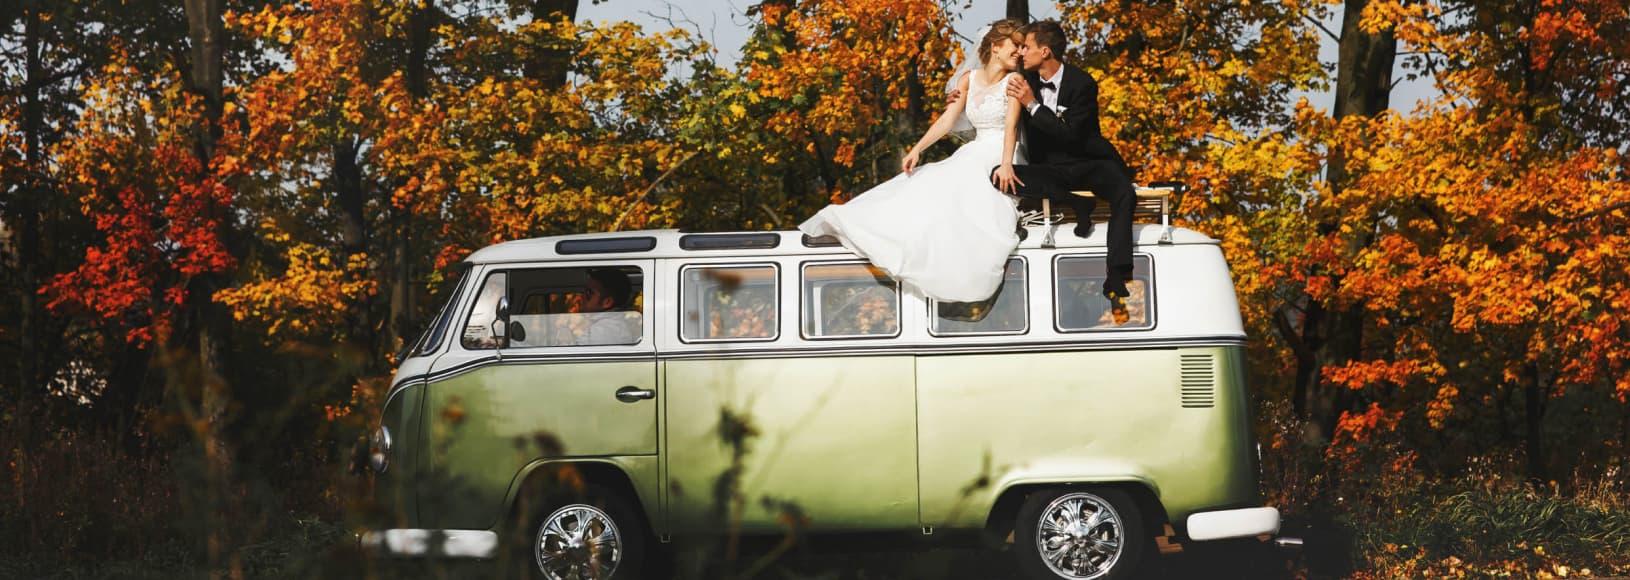 Carros de boda